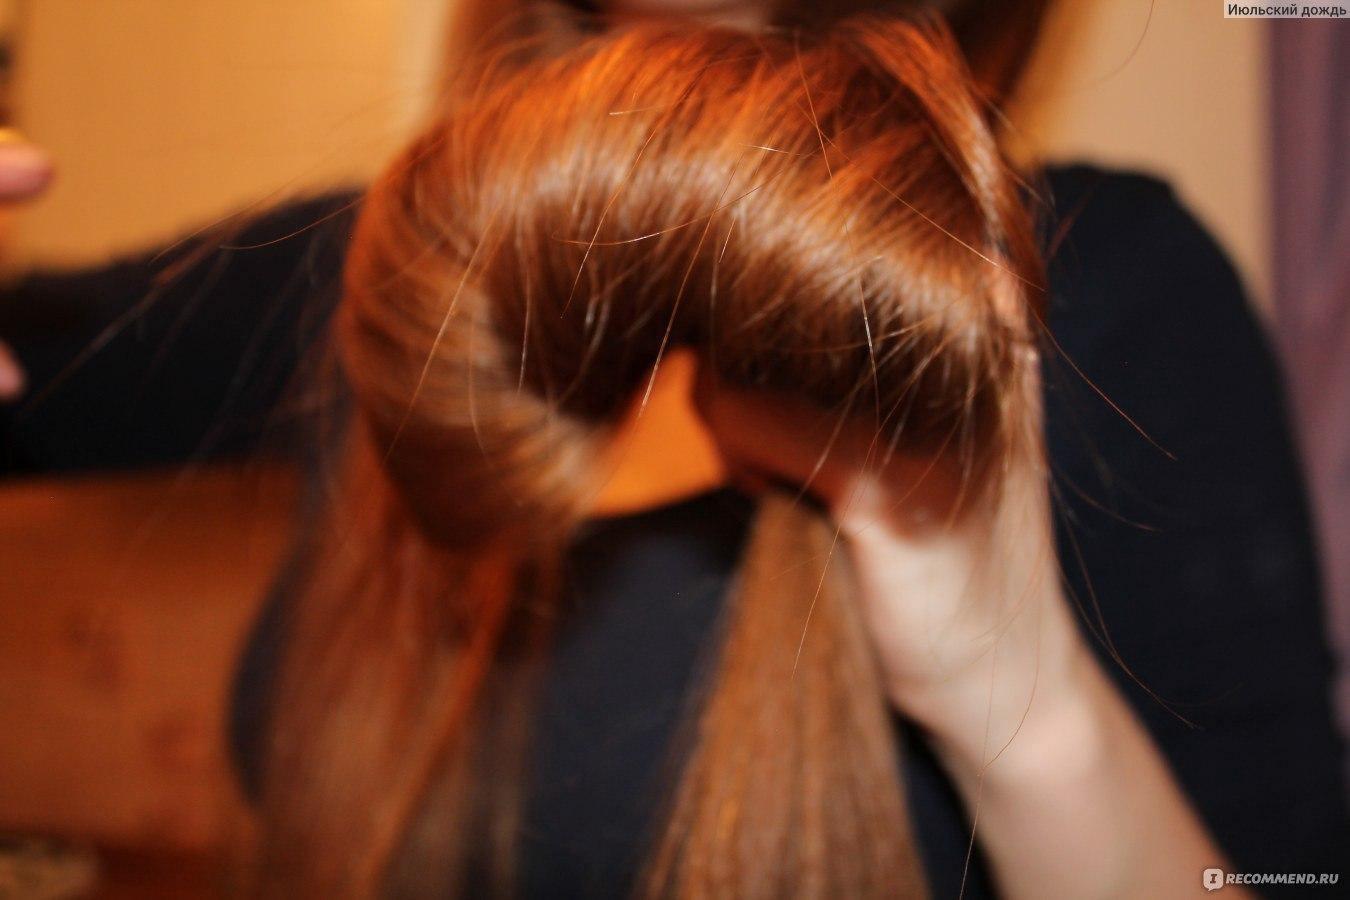 Приснилось что отрезала себе волосы